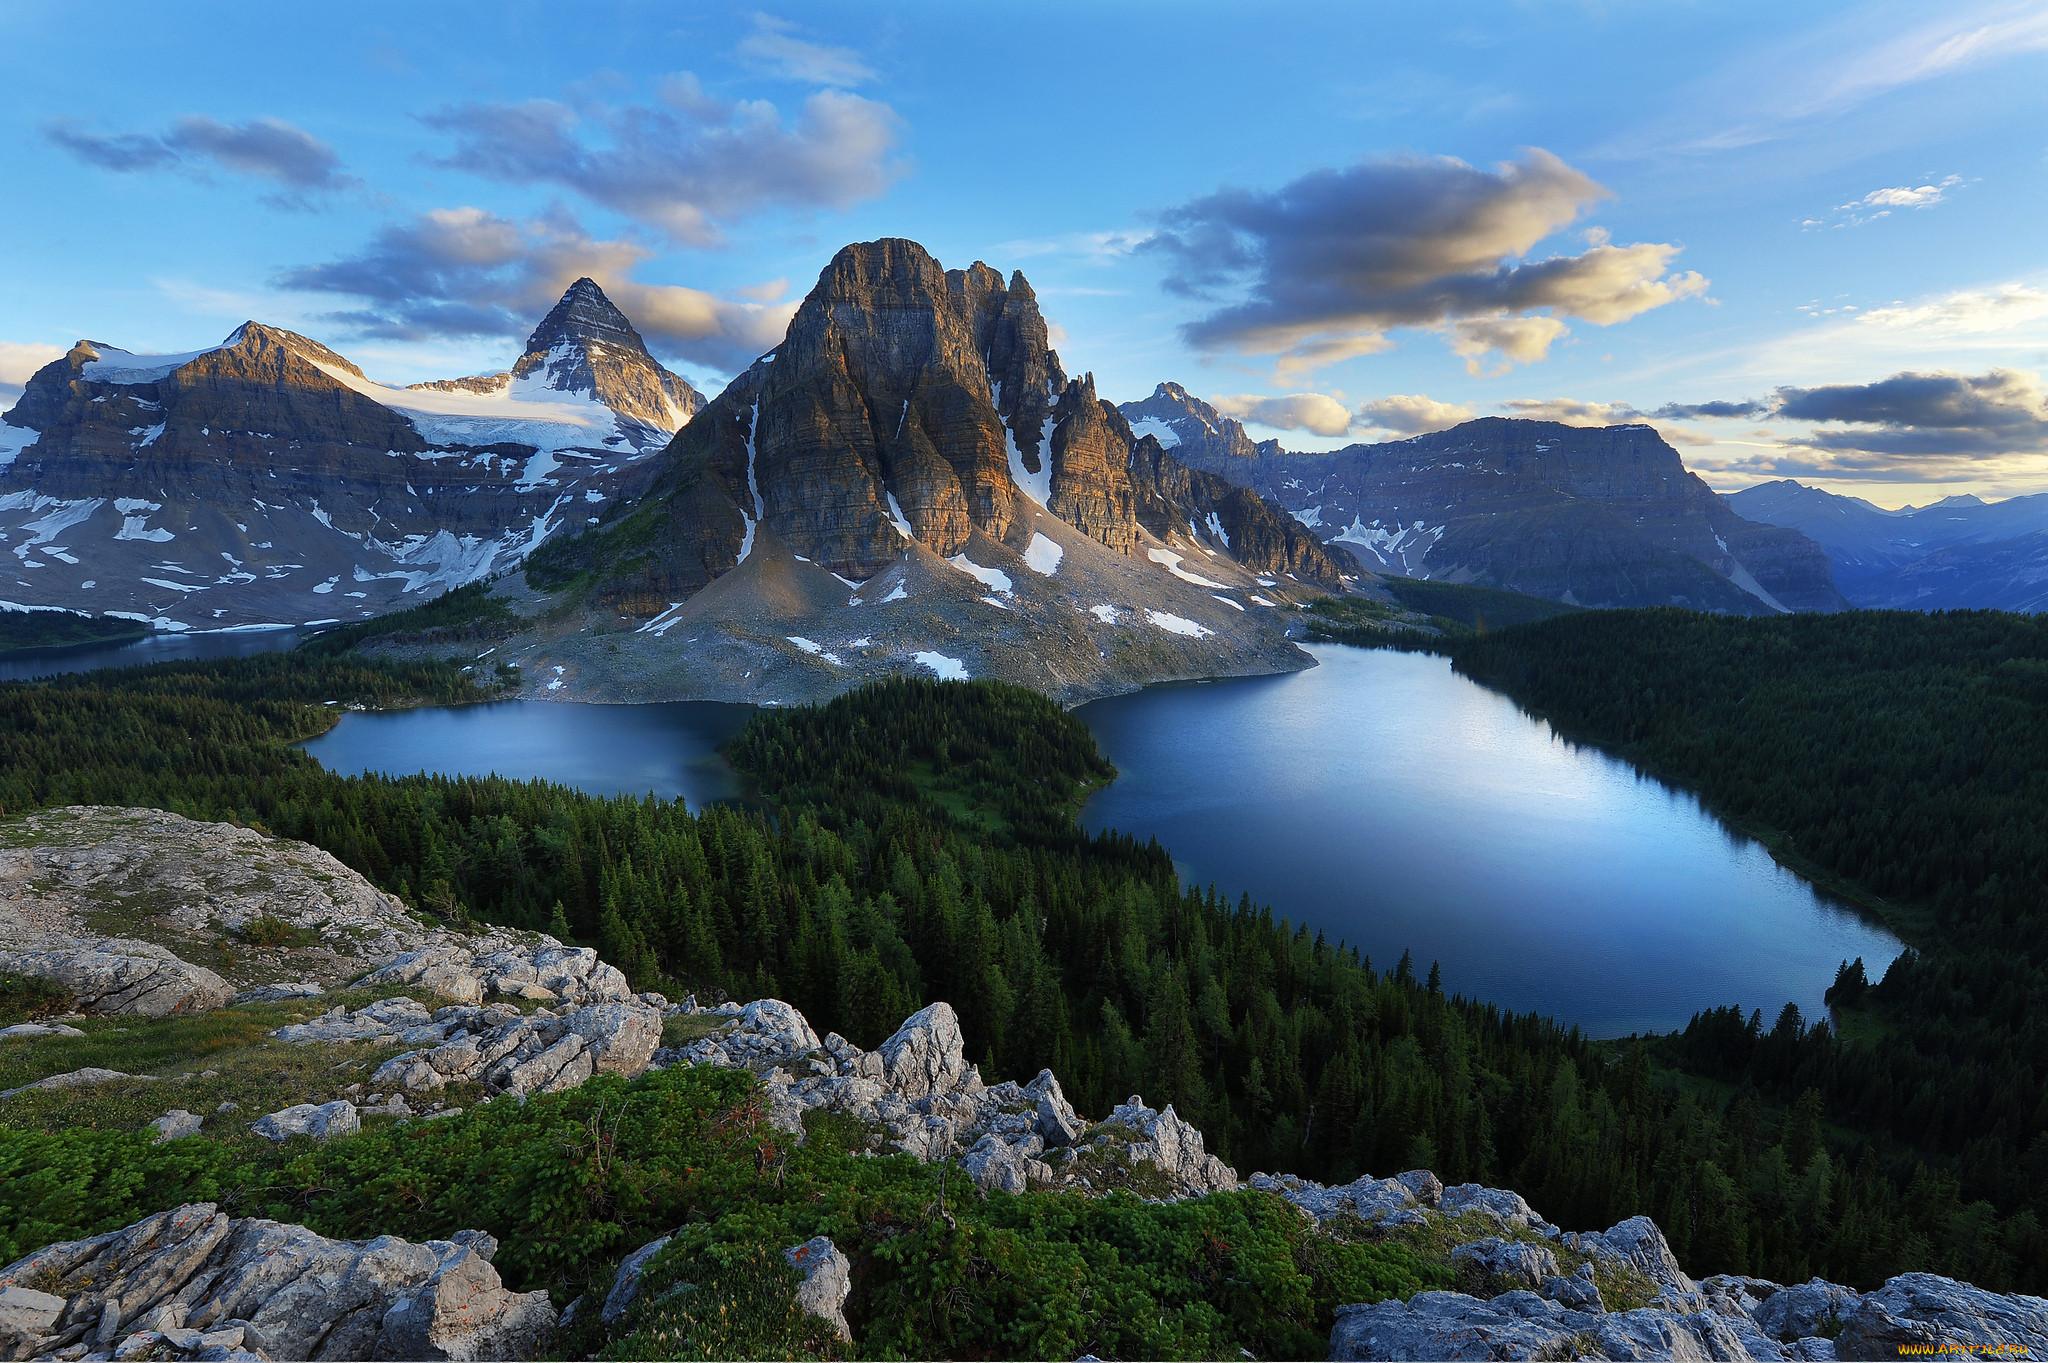 Природа реки озера пейзаж лес горы